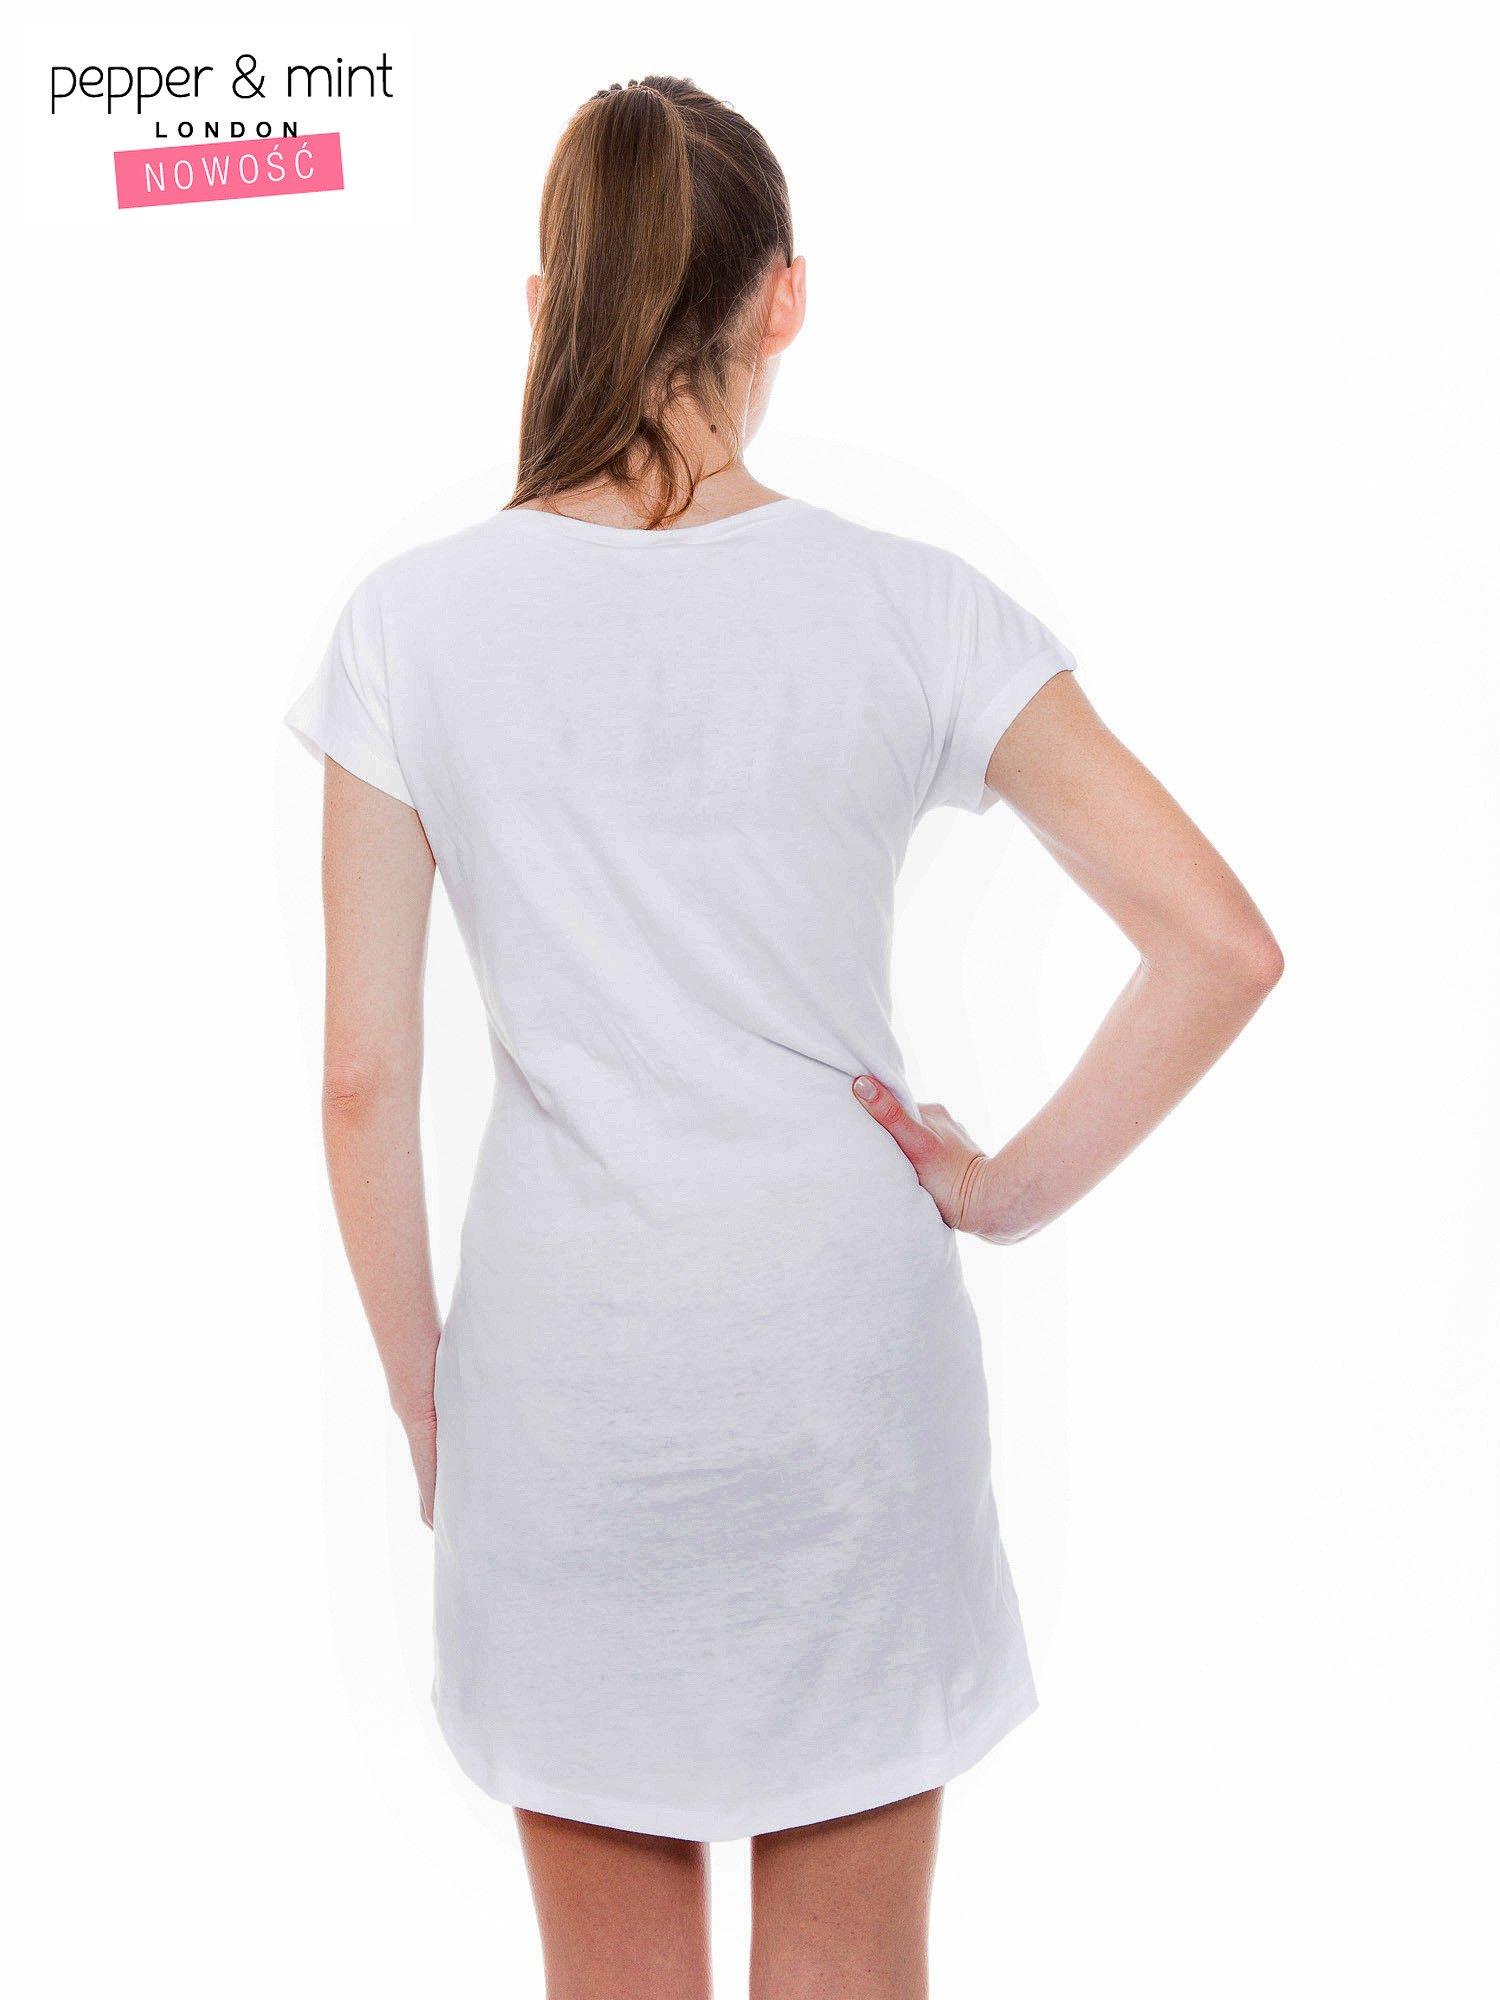 Biały t-shirt z dużym nadrukiem tekstowym FAMOUS                                  zdj.                                  3